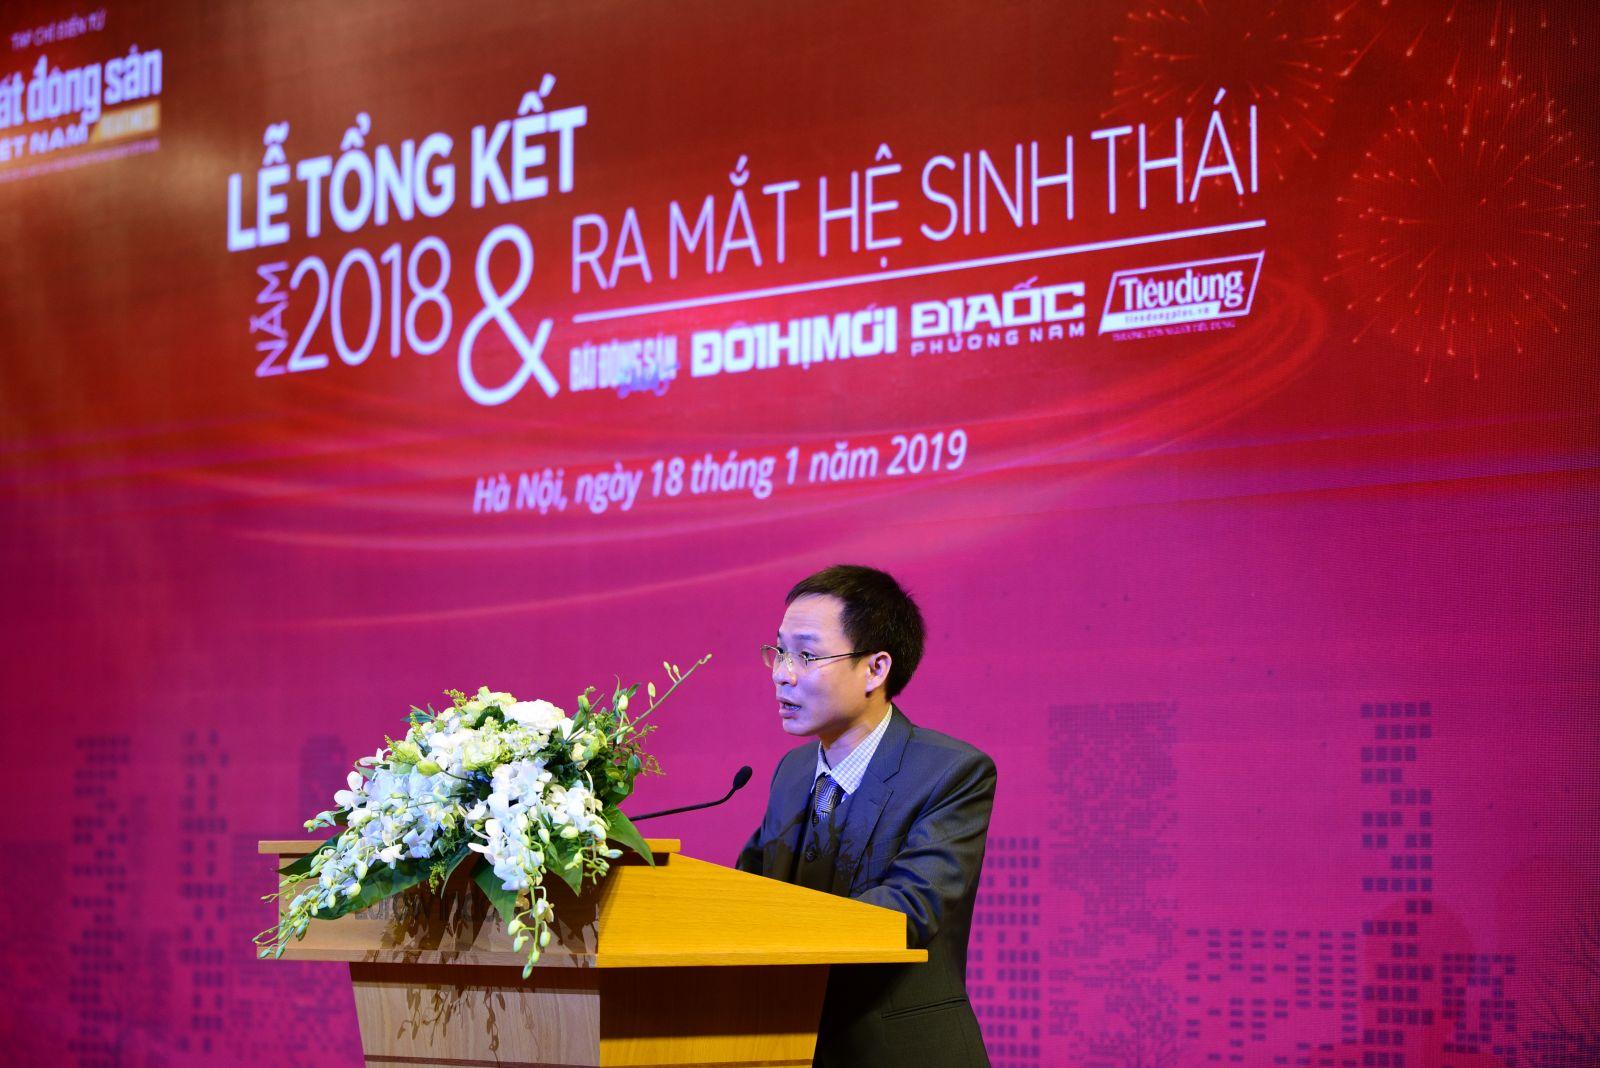 Ông Phạm Nguyễn Toan - Tổng Biên tập Tạp chí điện tử Bất động sản Việt Nam